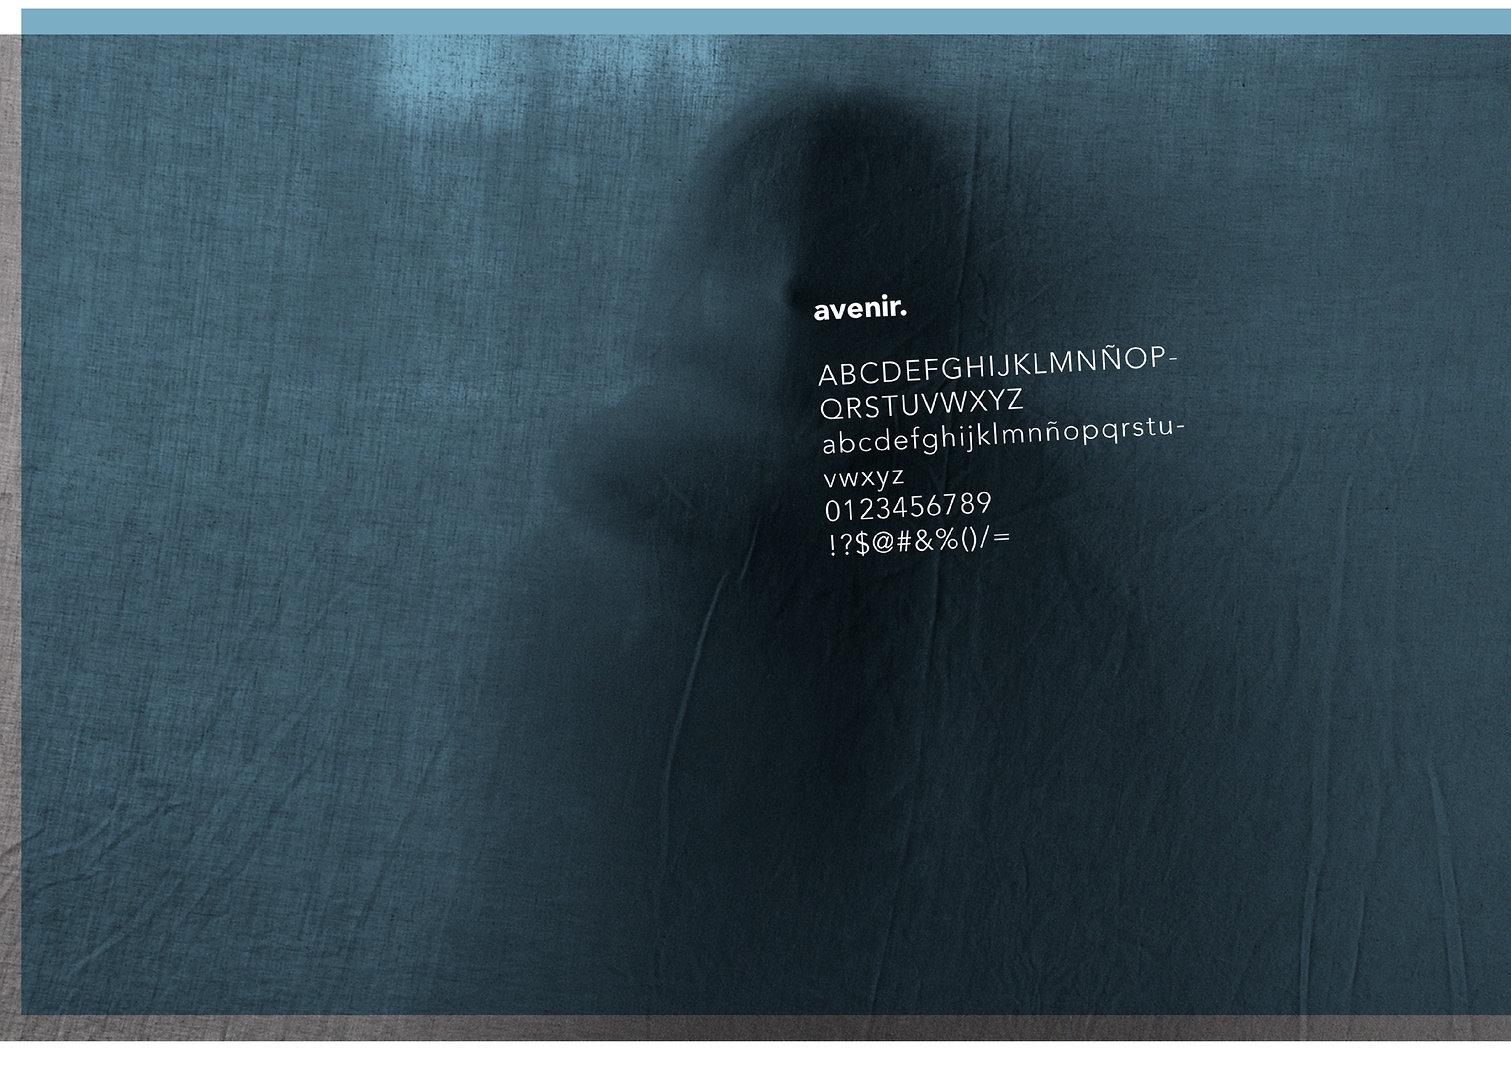 tipografia coorporativa.jpg